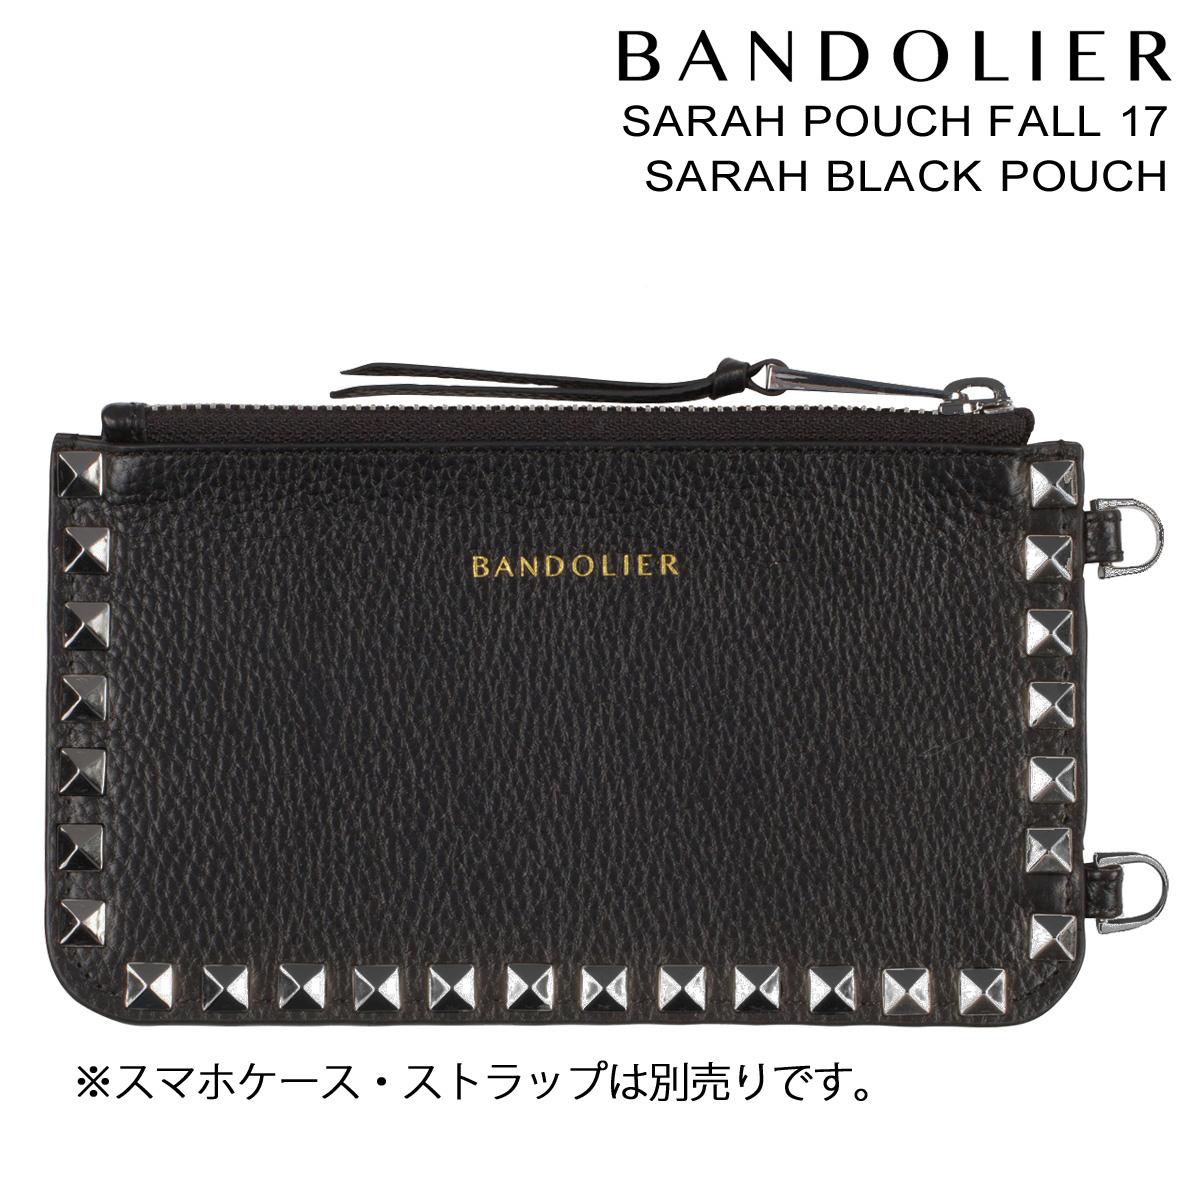 BANDOLIER SARAH POUCH バンドリヤー ポーチ スマホ ケース FALL17 レザー メンズ レディース ブラック